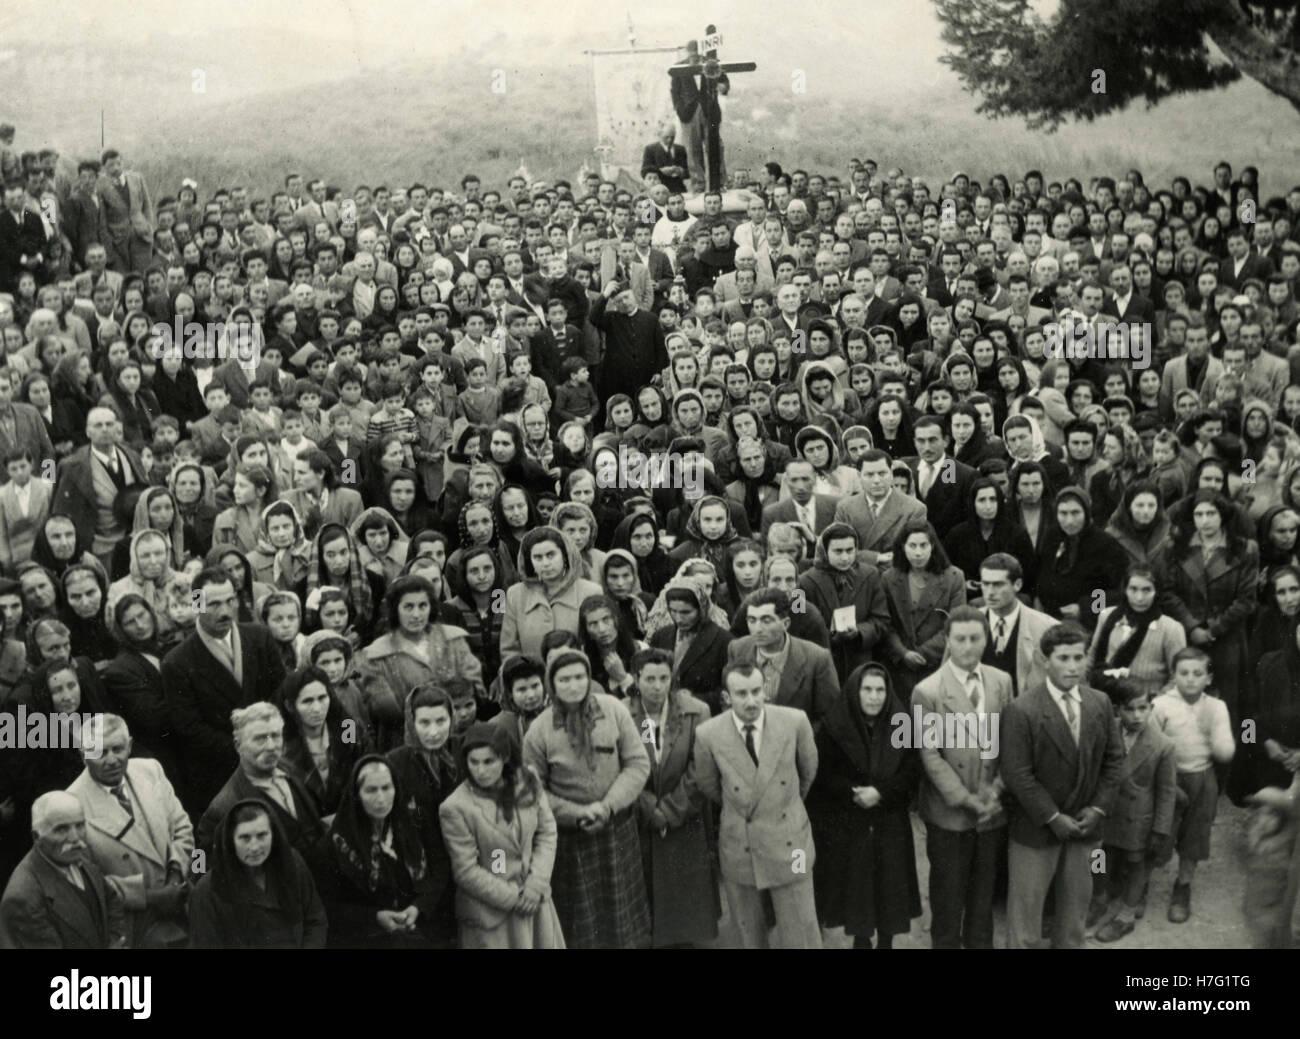 Group of catholic pilgrims praying - Stock Image